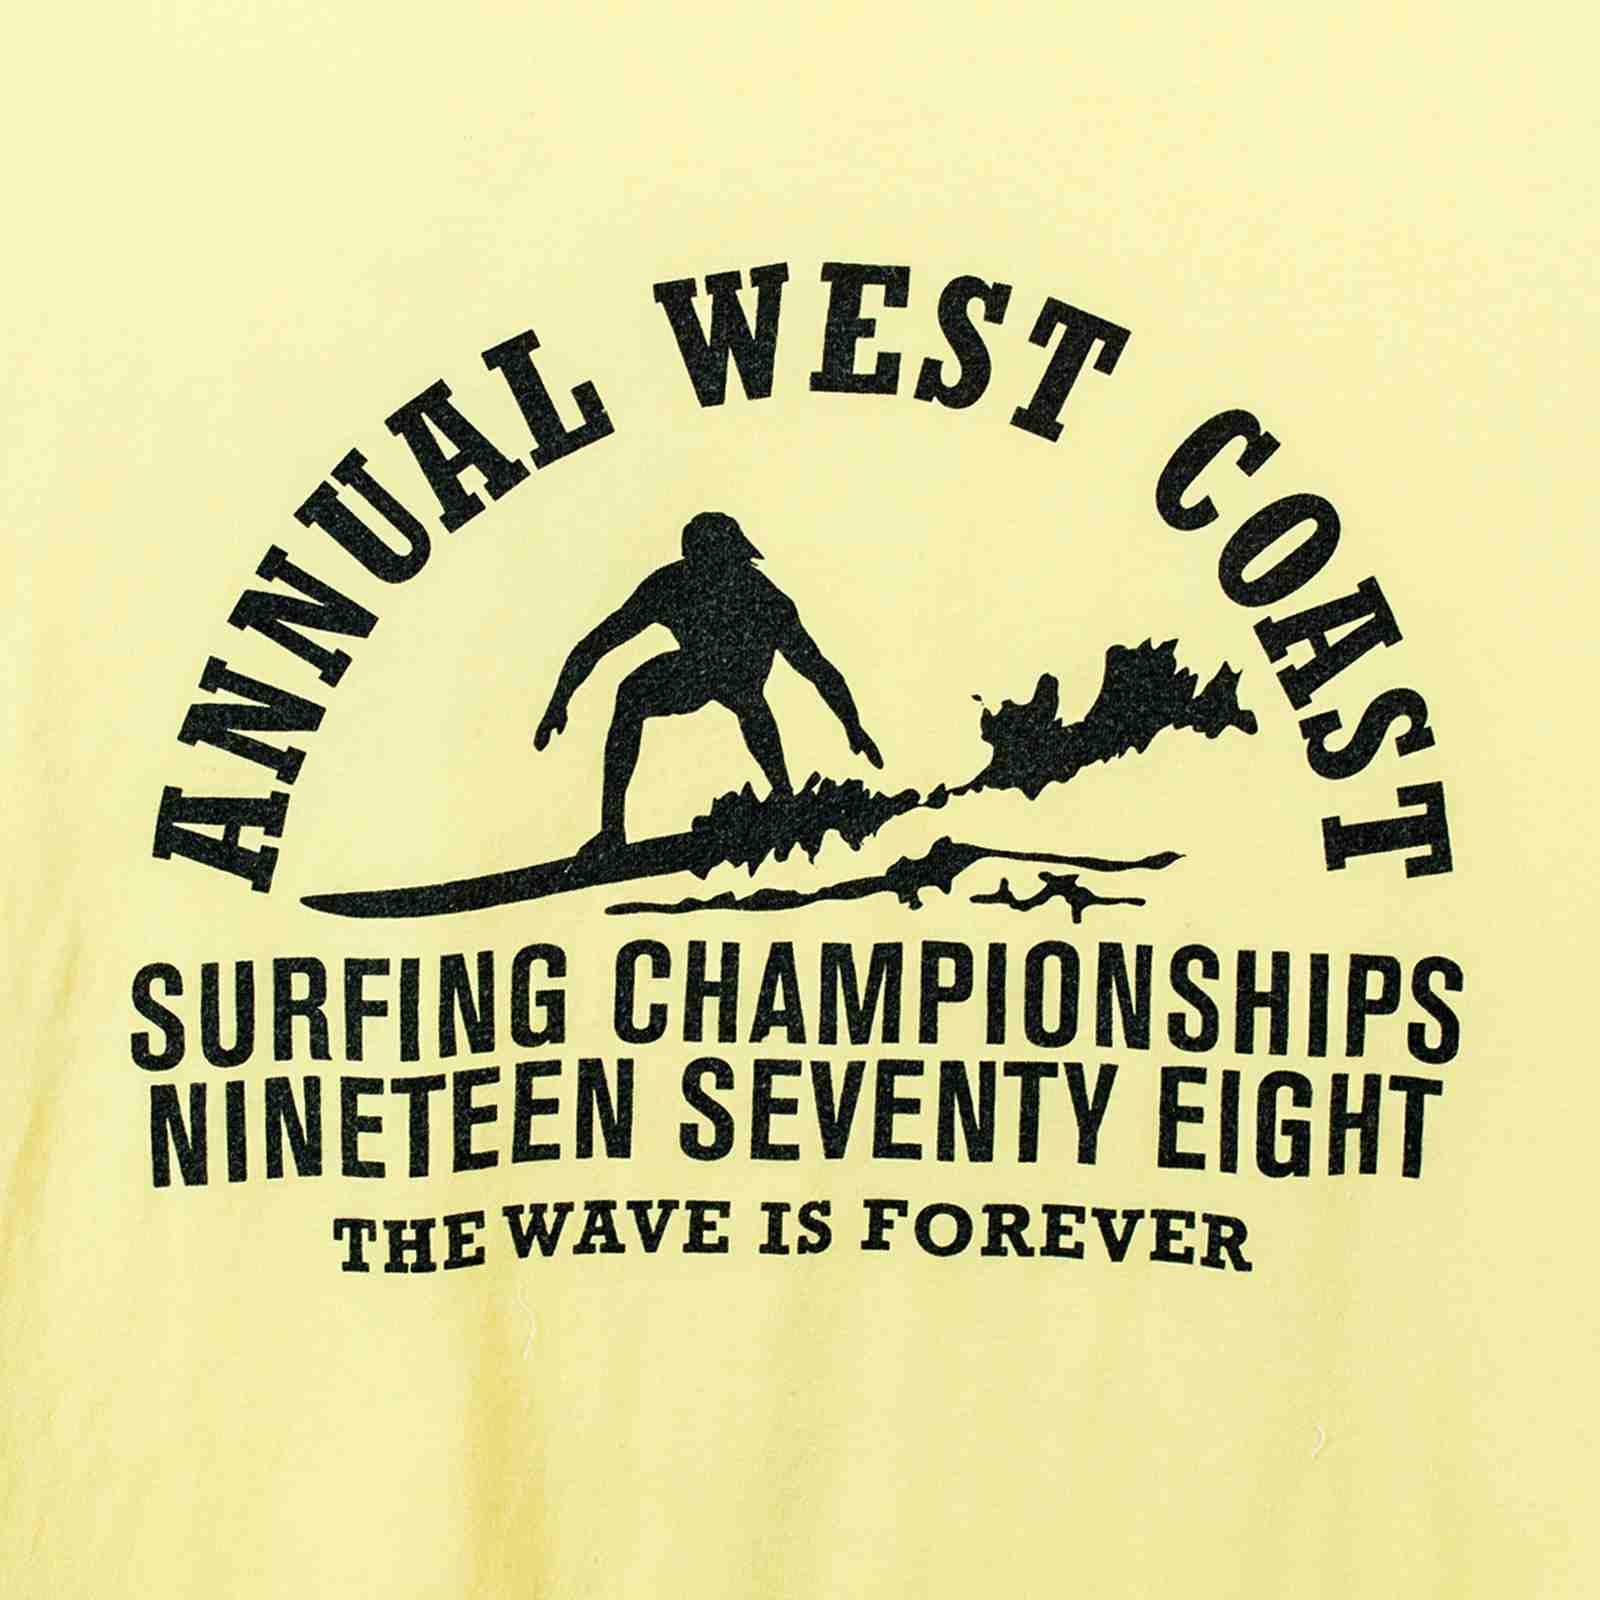 Футболка для сёрферов The wave is forever с памятным принтом-принт